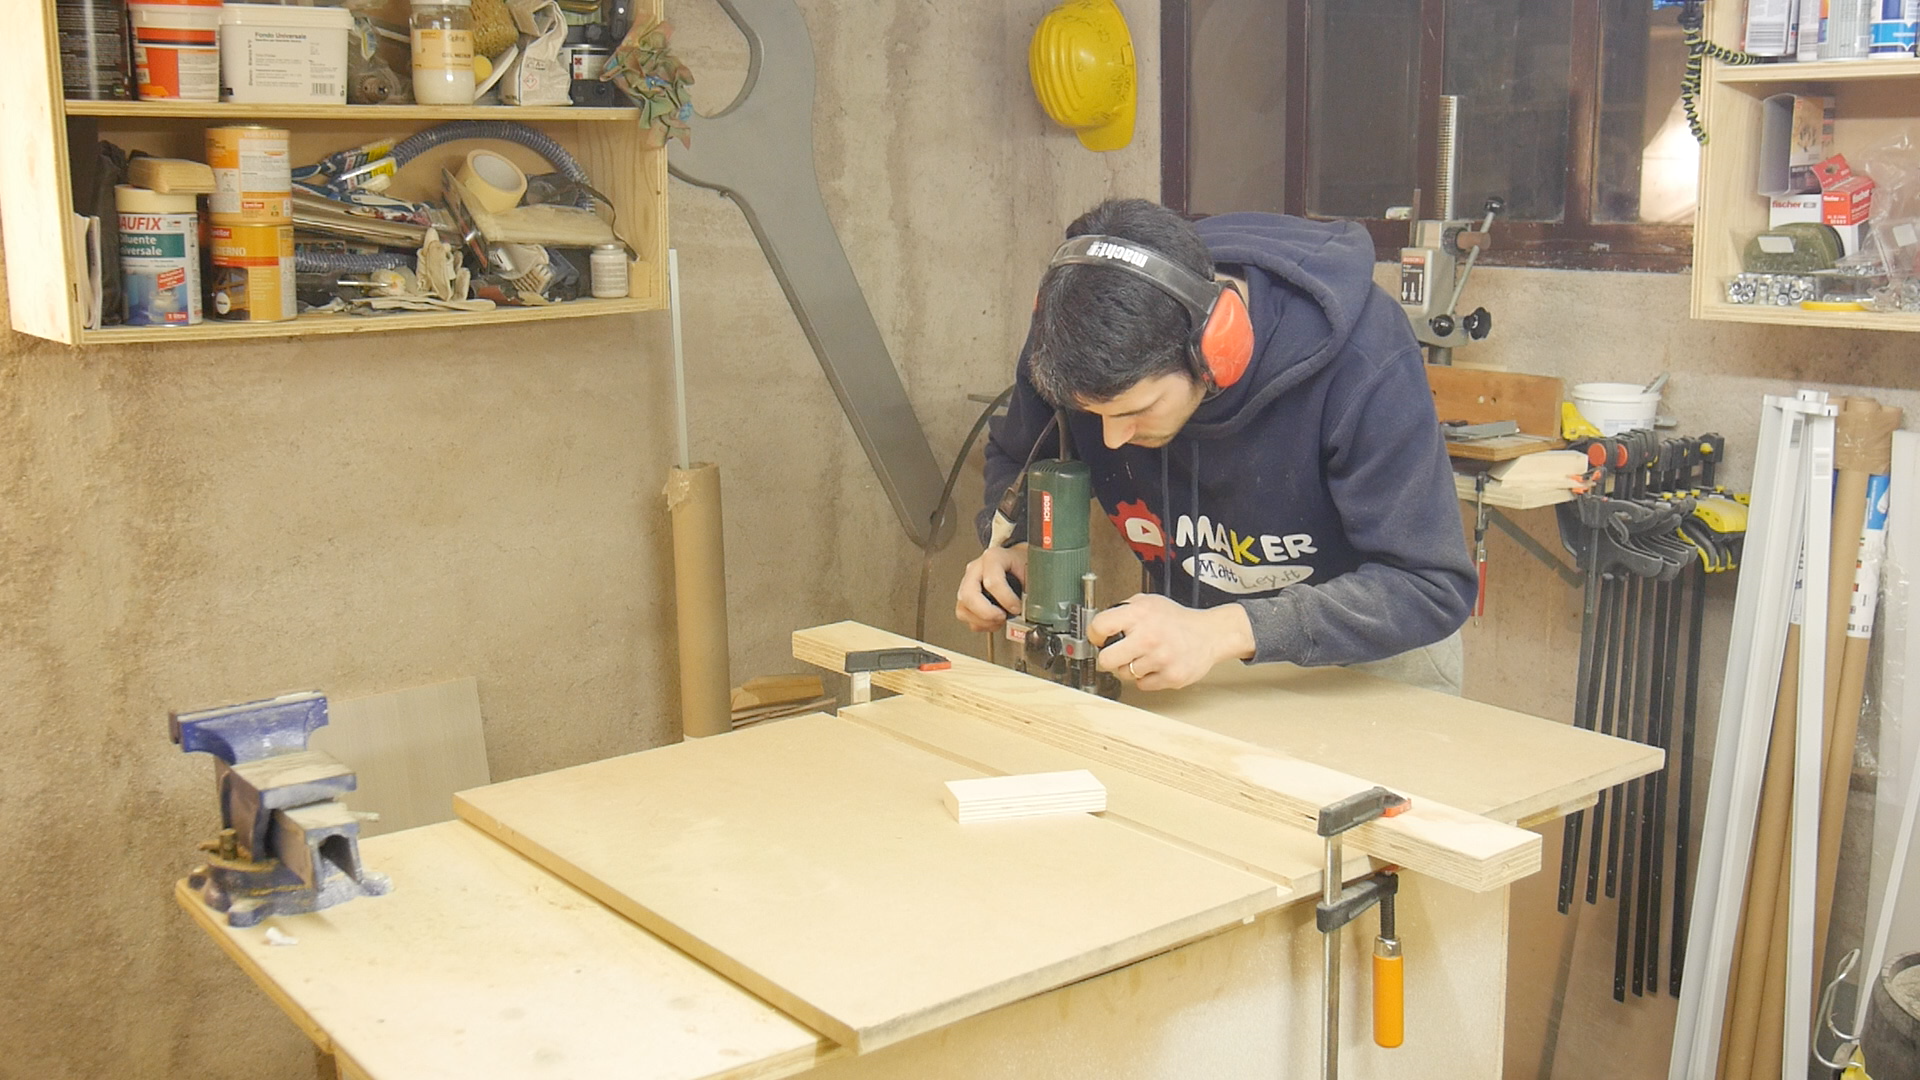 Come ho realizzato un banco da falegname in legno con meno ...